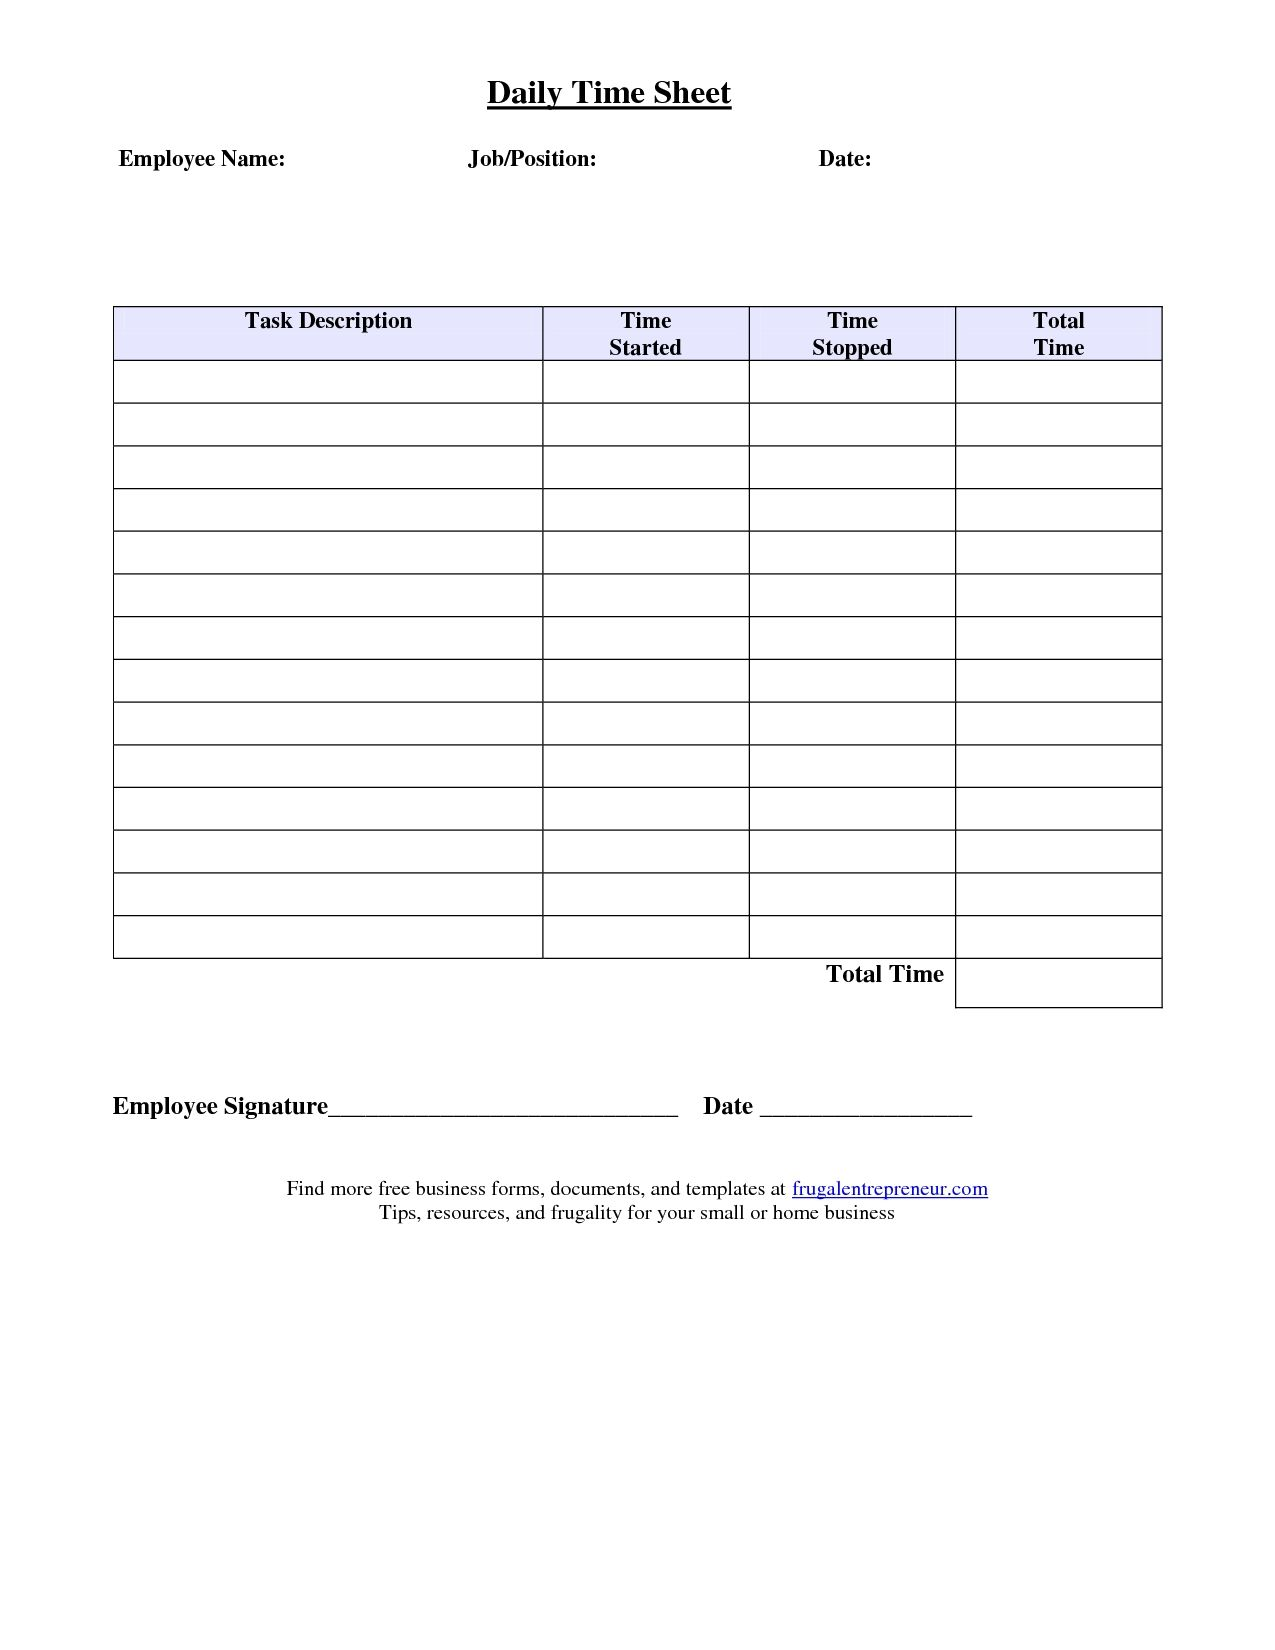 Job Sheet Format Excel Best Photos Of Job Time Sheet